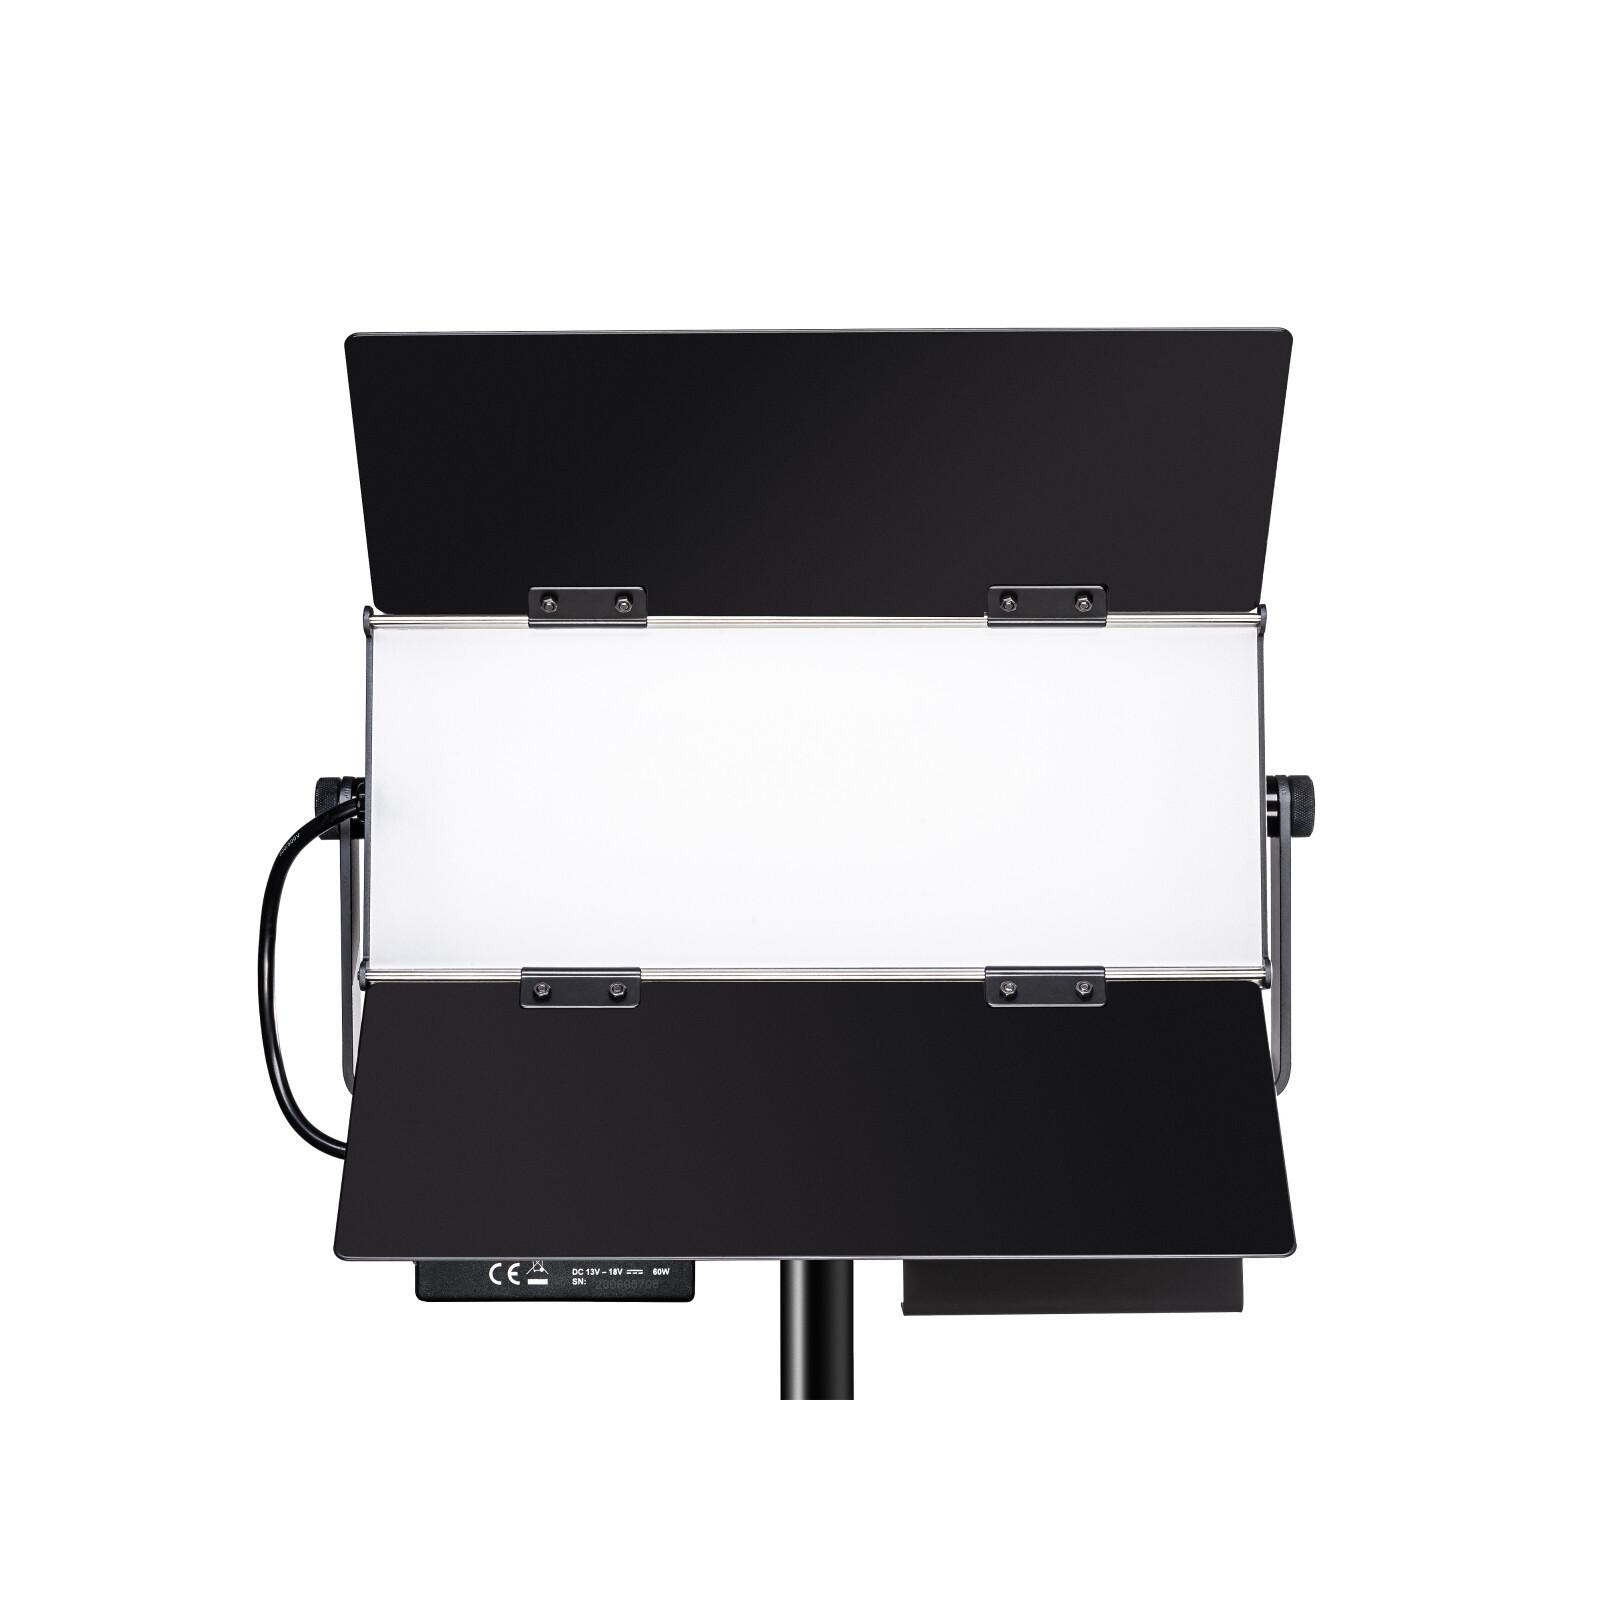 Walimex pro LED Sirius 160 Daylight 65W